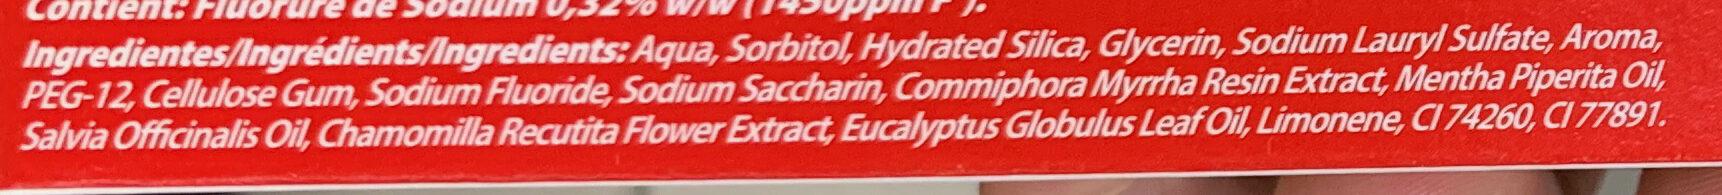 Herbal Original - Ingredients - fr